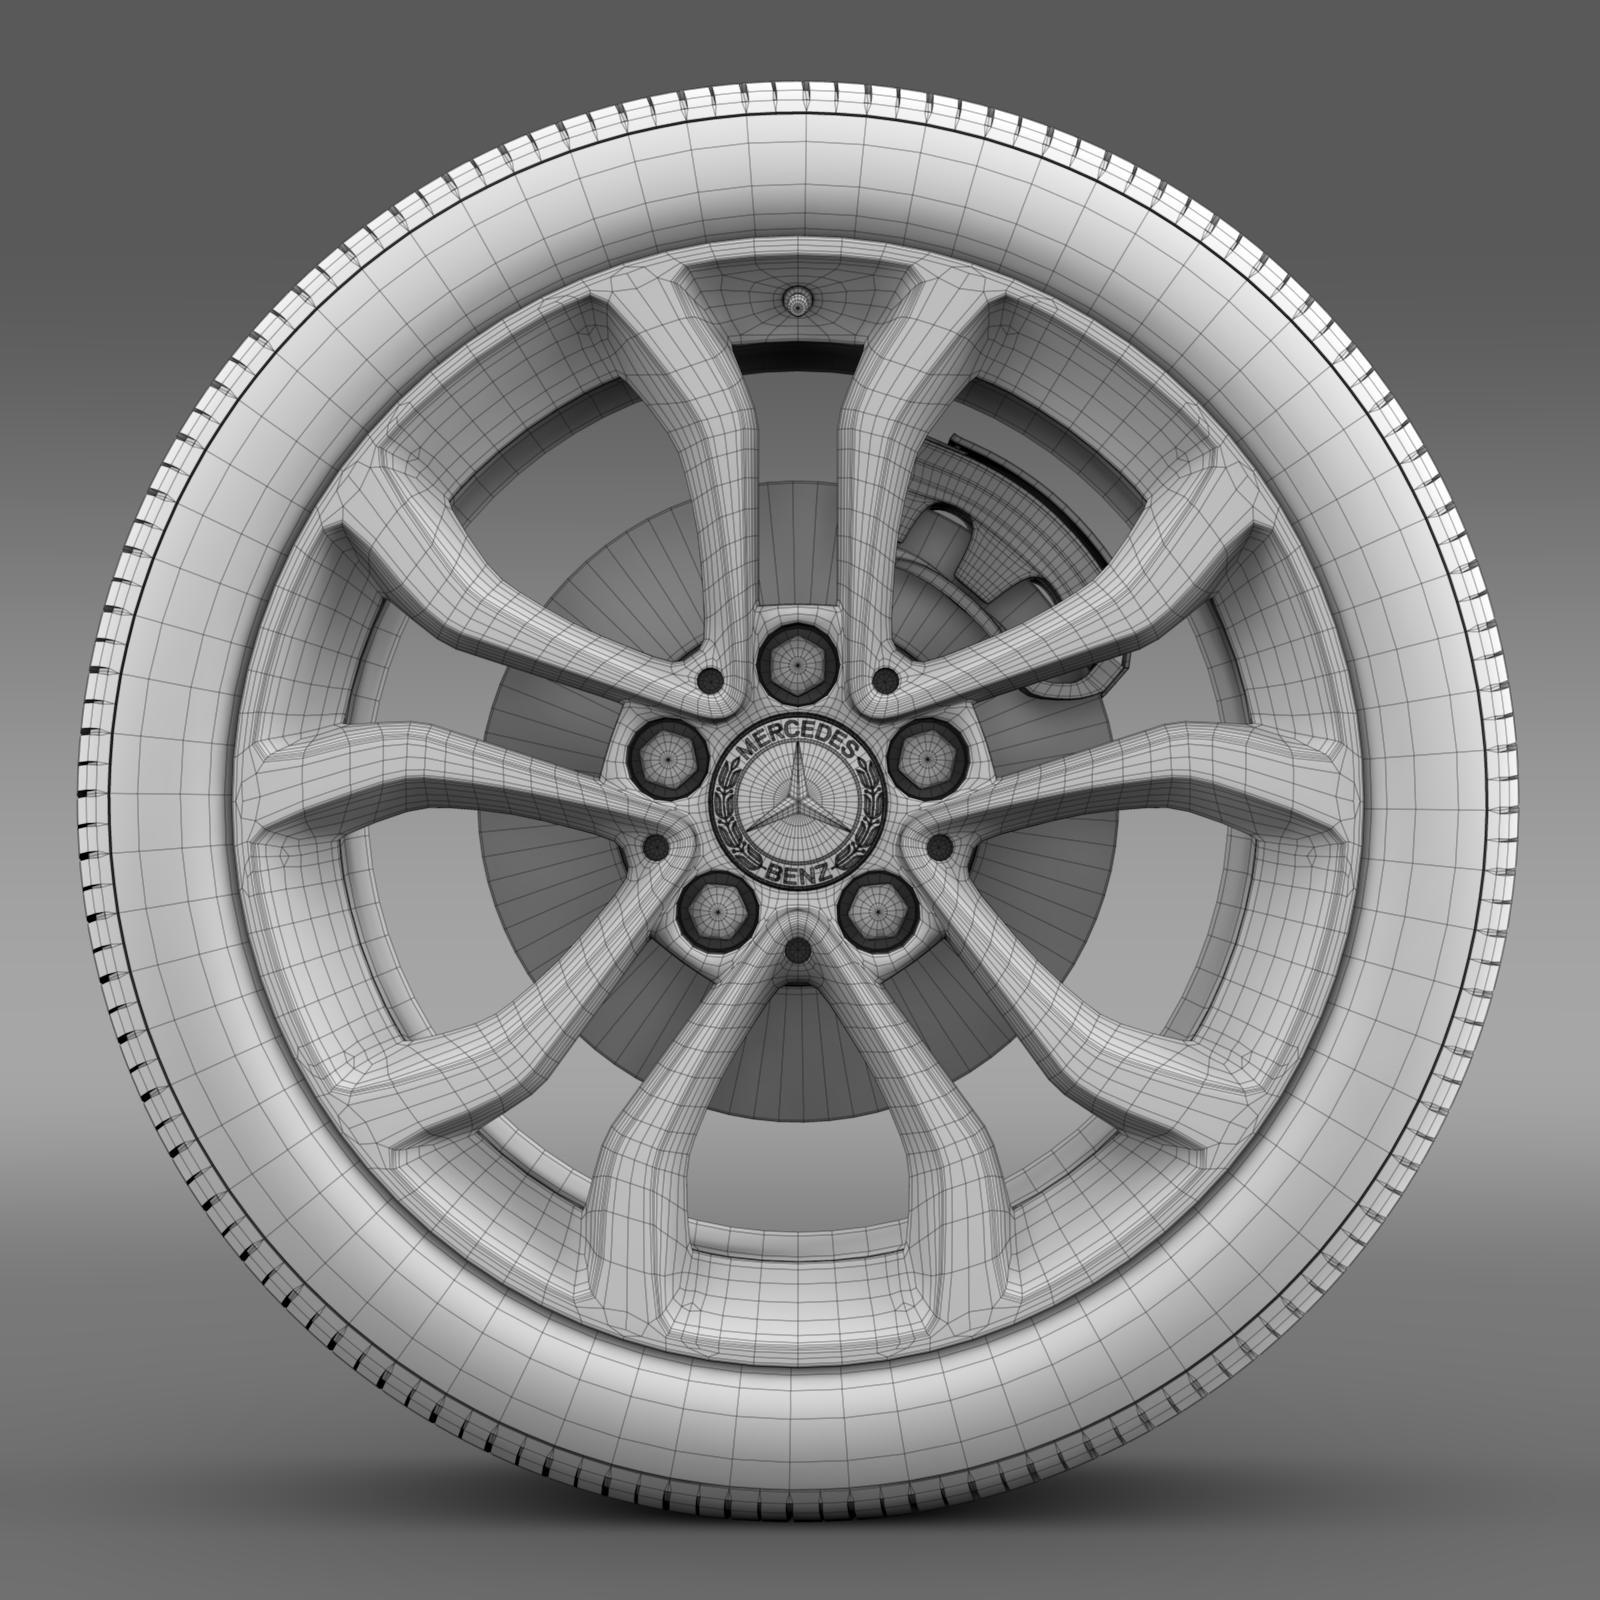 mercedes benz c 220 wheel 3d model 3ds max fbx c4d lwo ma mb hrc xsi obj 210765